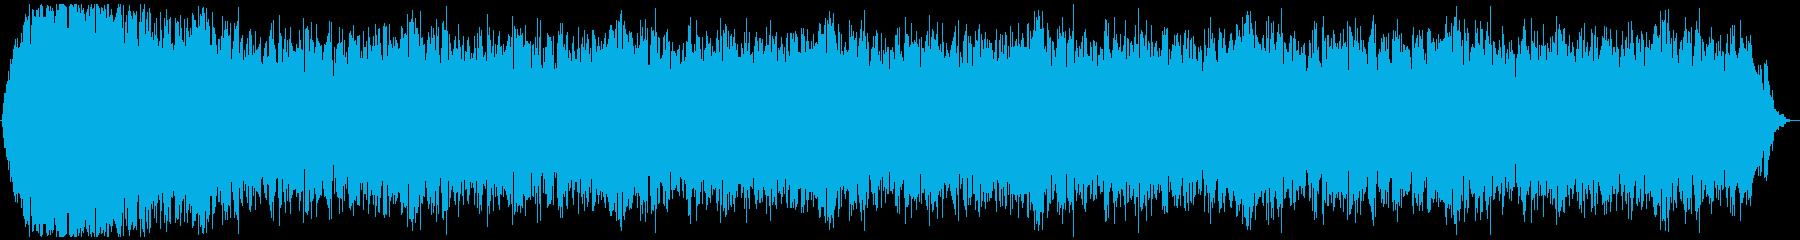 ドローン ストームロー03の再生済みの波形